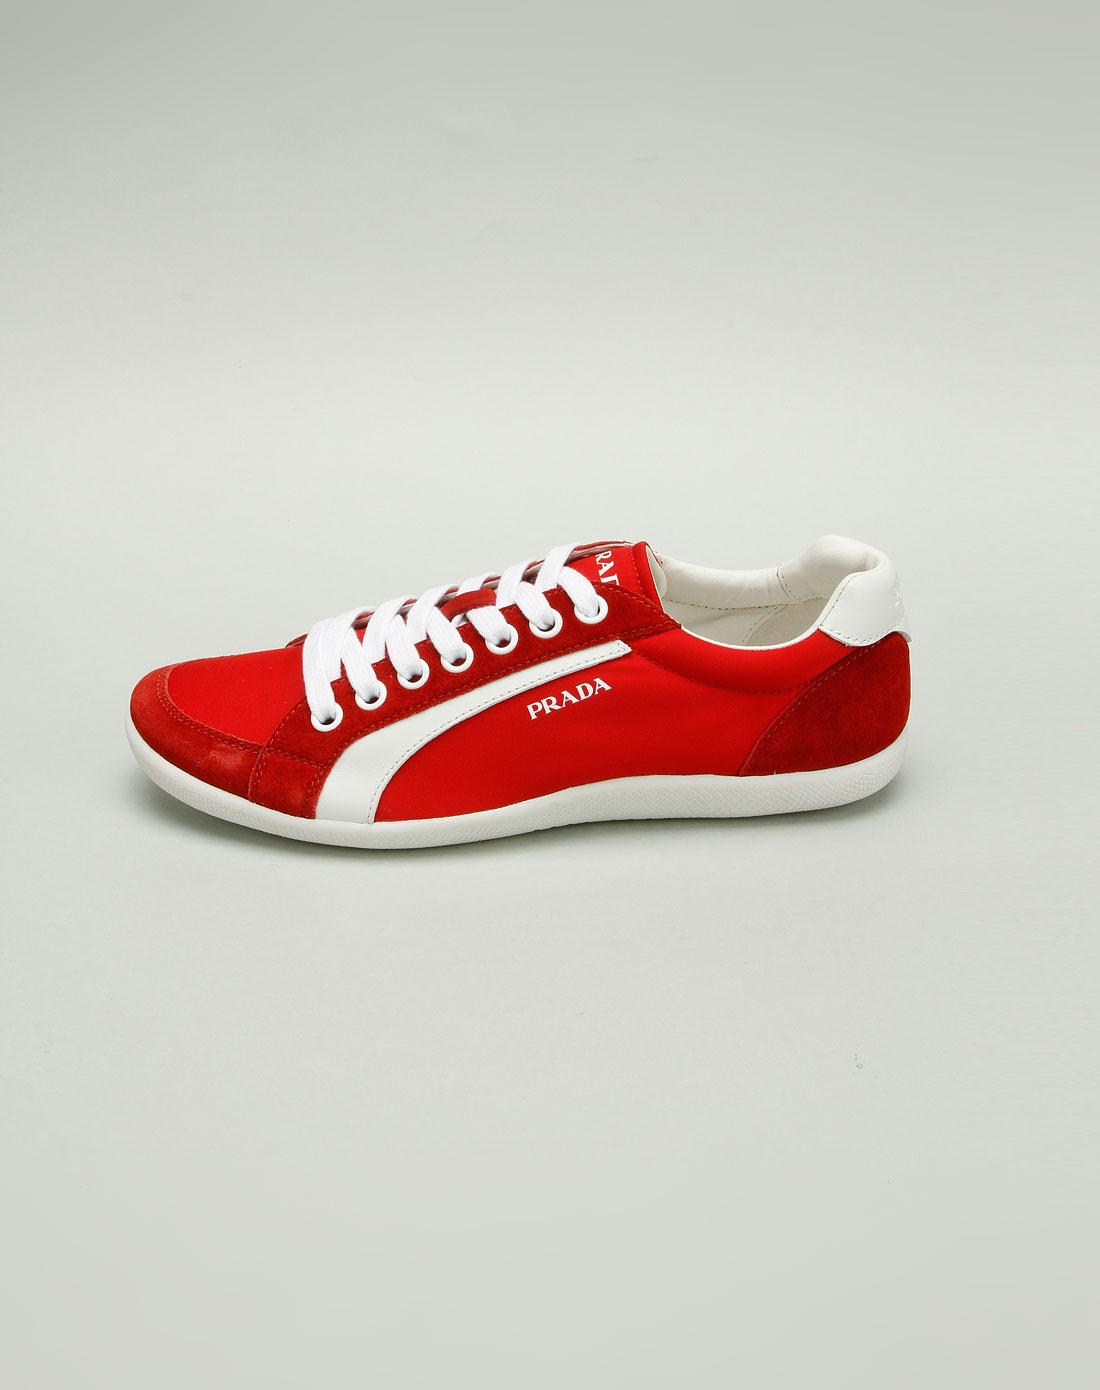 prada鞋子专场男款红/白色拼料休闲鞋4e1835rosso